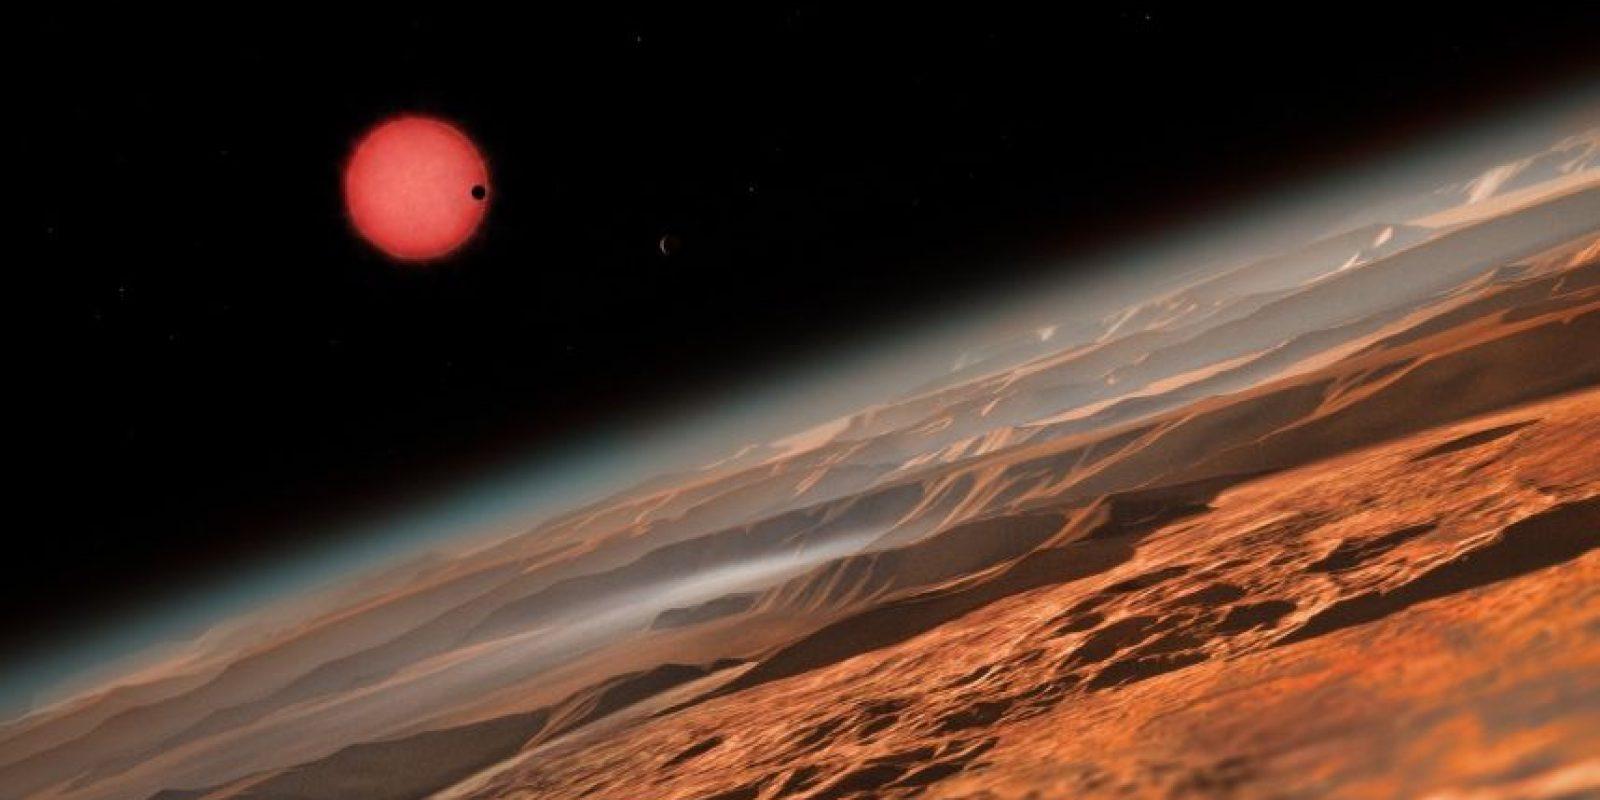 El método de estos científicos para rastrear planetas se basa en el paso del planeta frente a su estrella. Foto:Universidad de Lieja